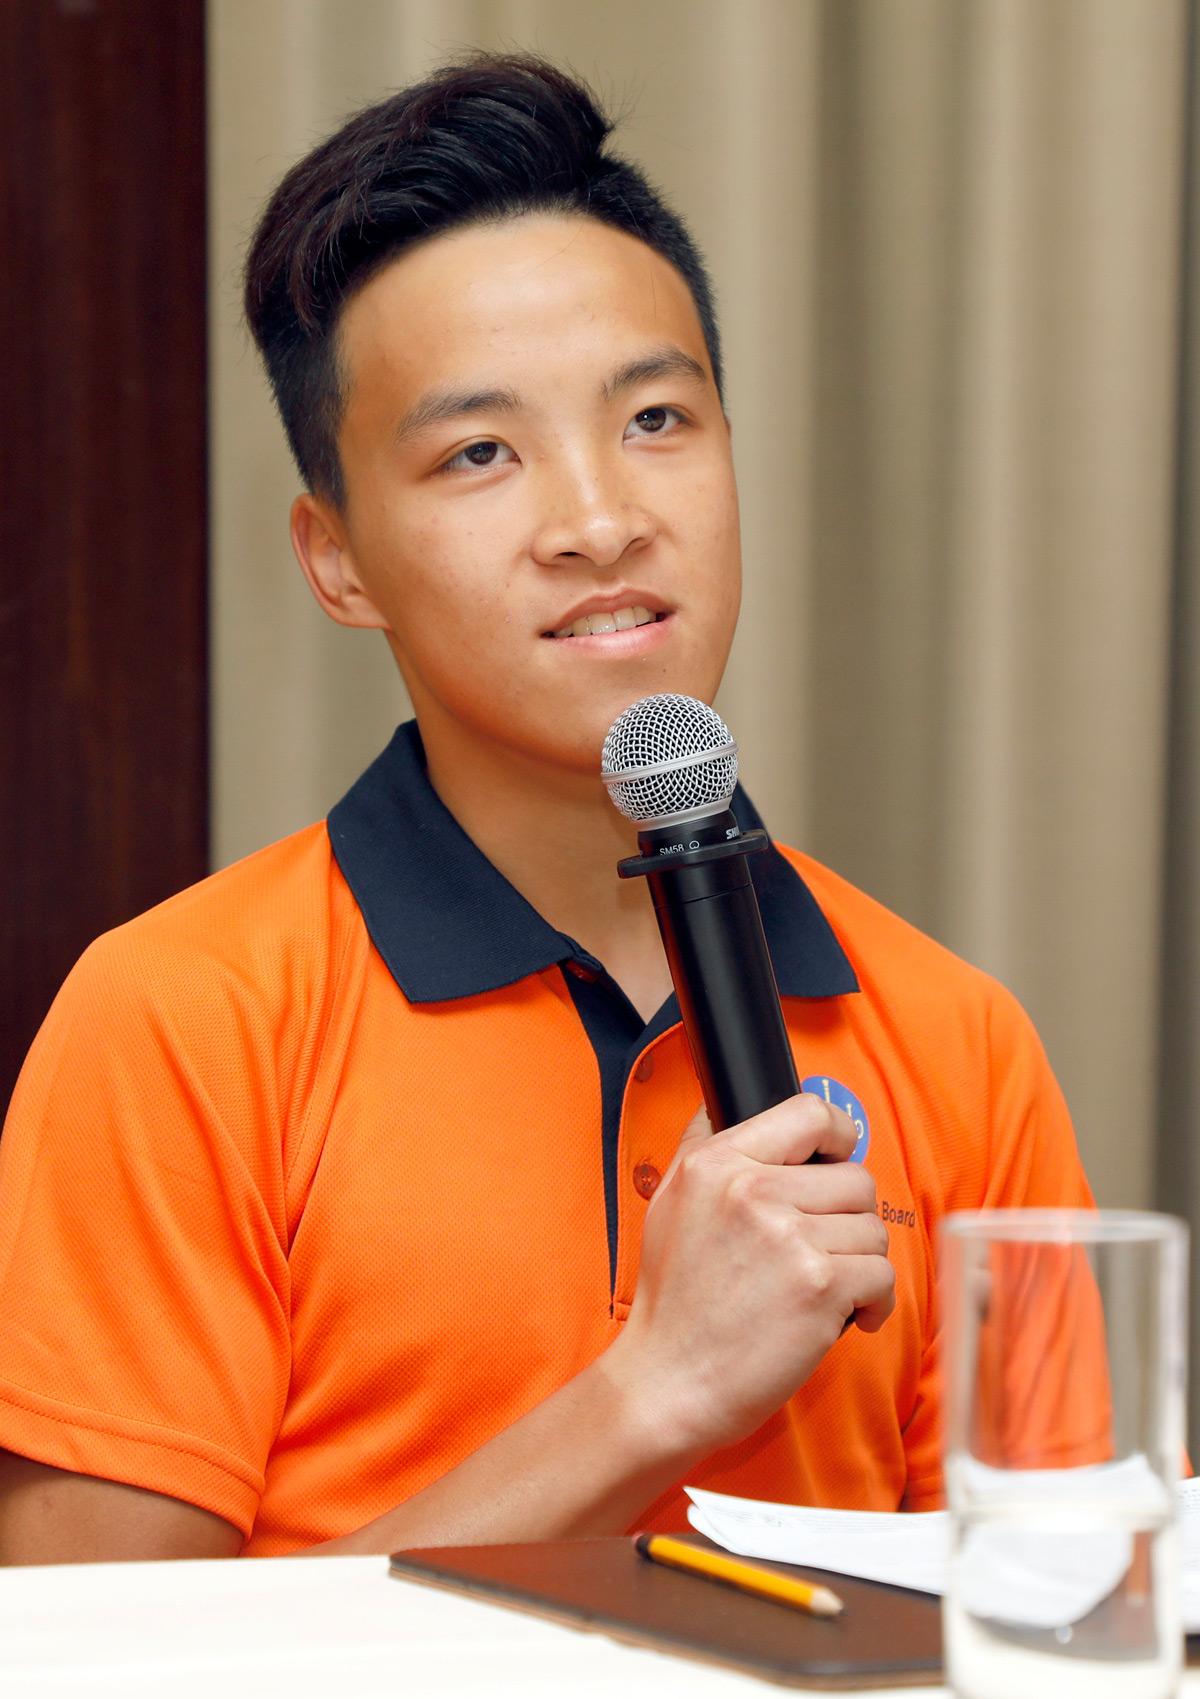 賽事見習學員王俊暉指要成功投考成為賽事見習學員,體能及鬥心決一不可。